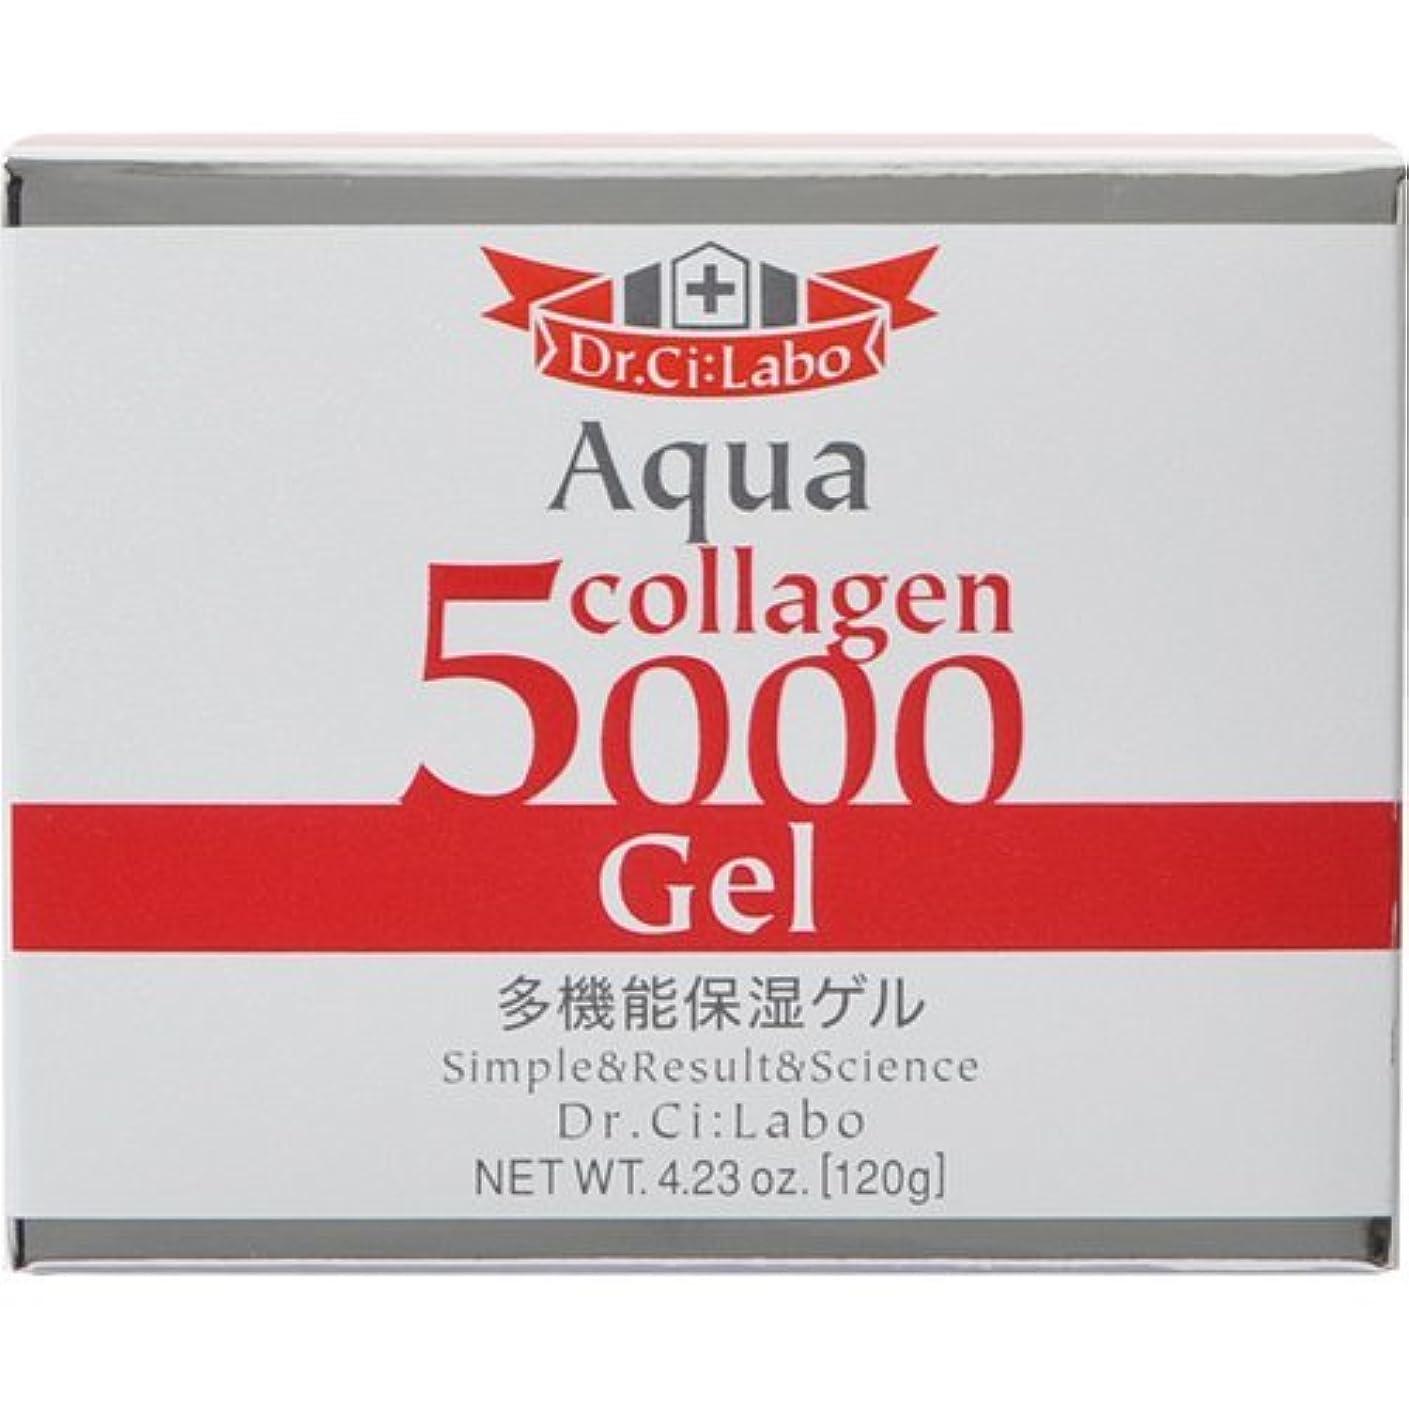 マニュアル熱望するトロリードクターシーラボ アクアコラーゲンゲル5000 120g